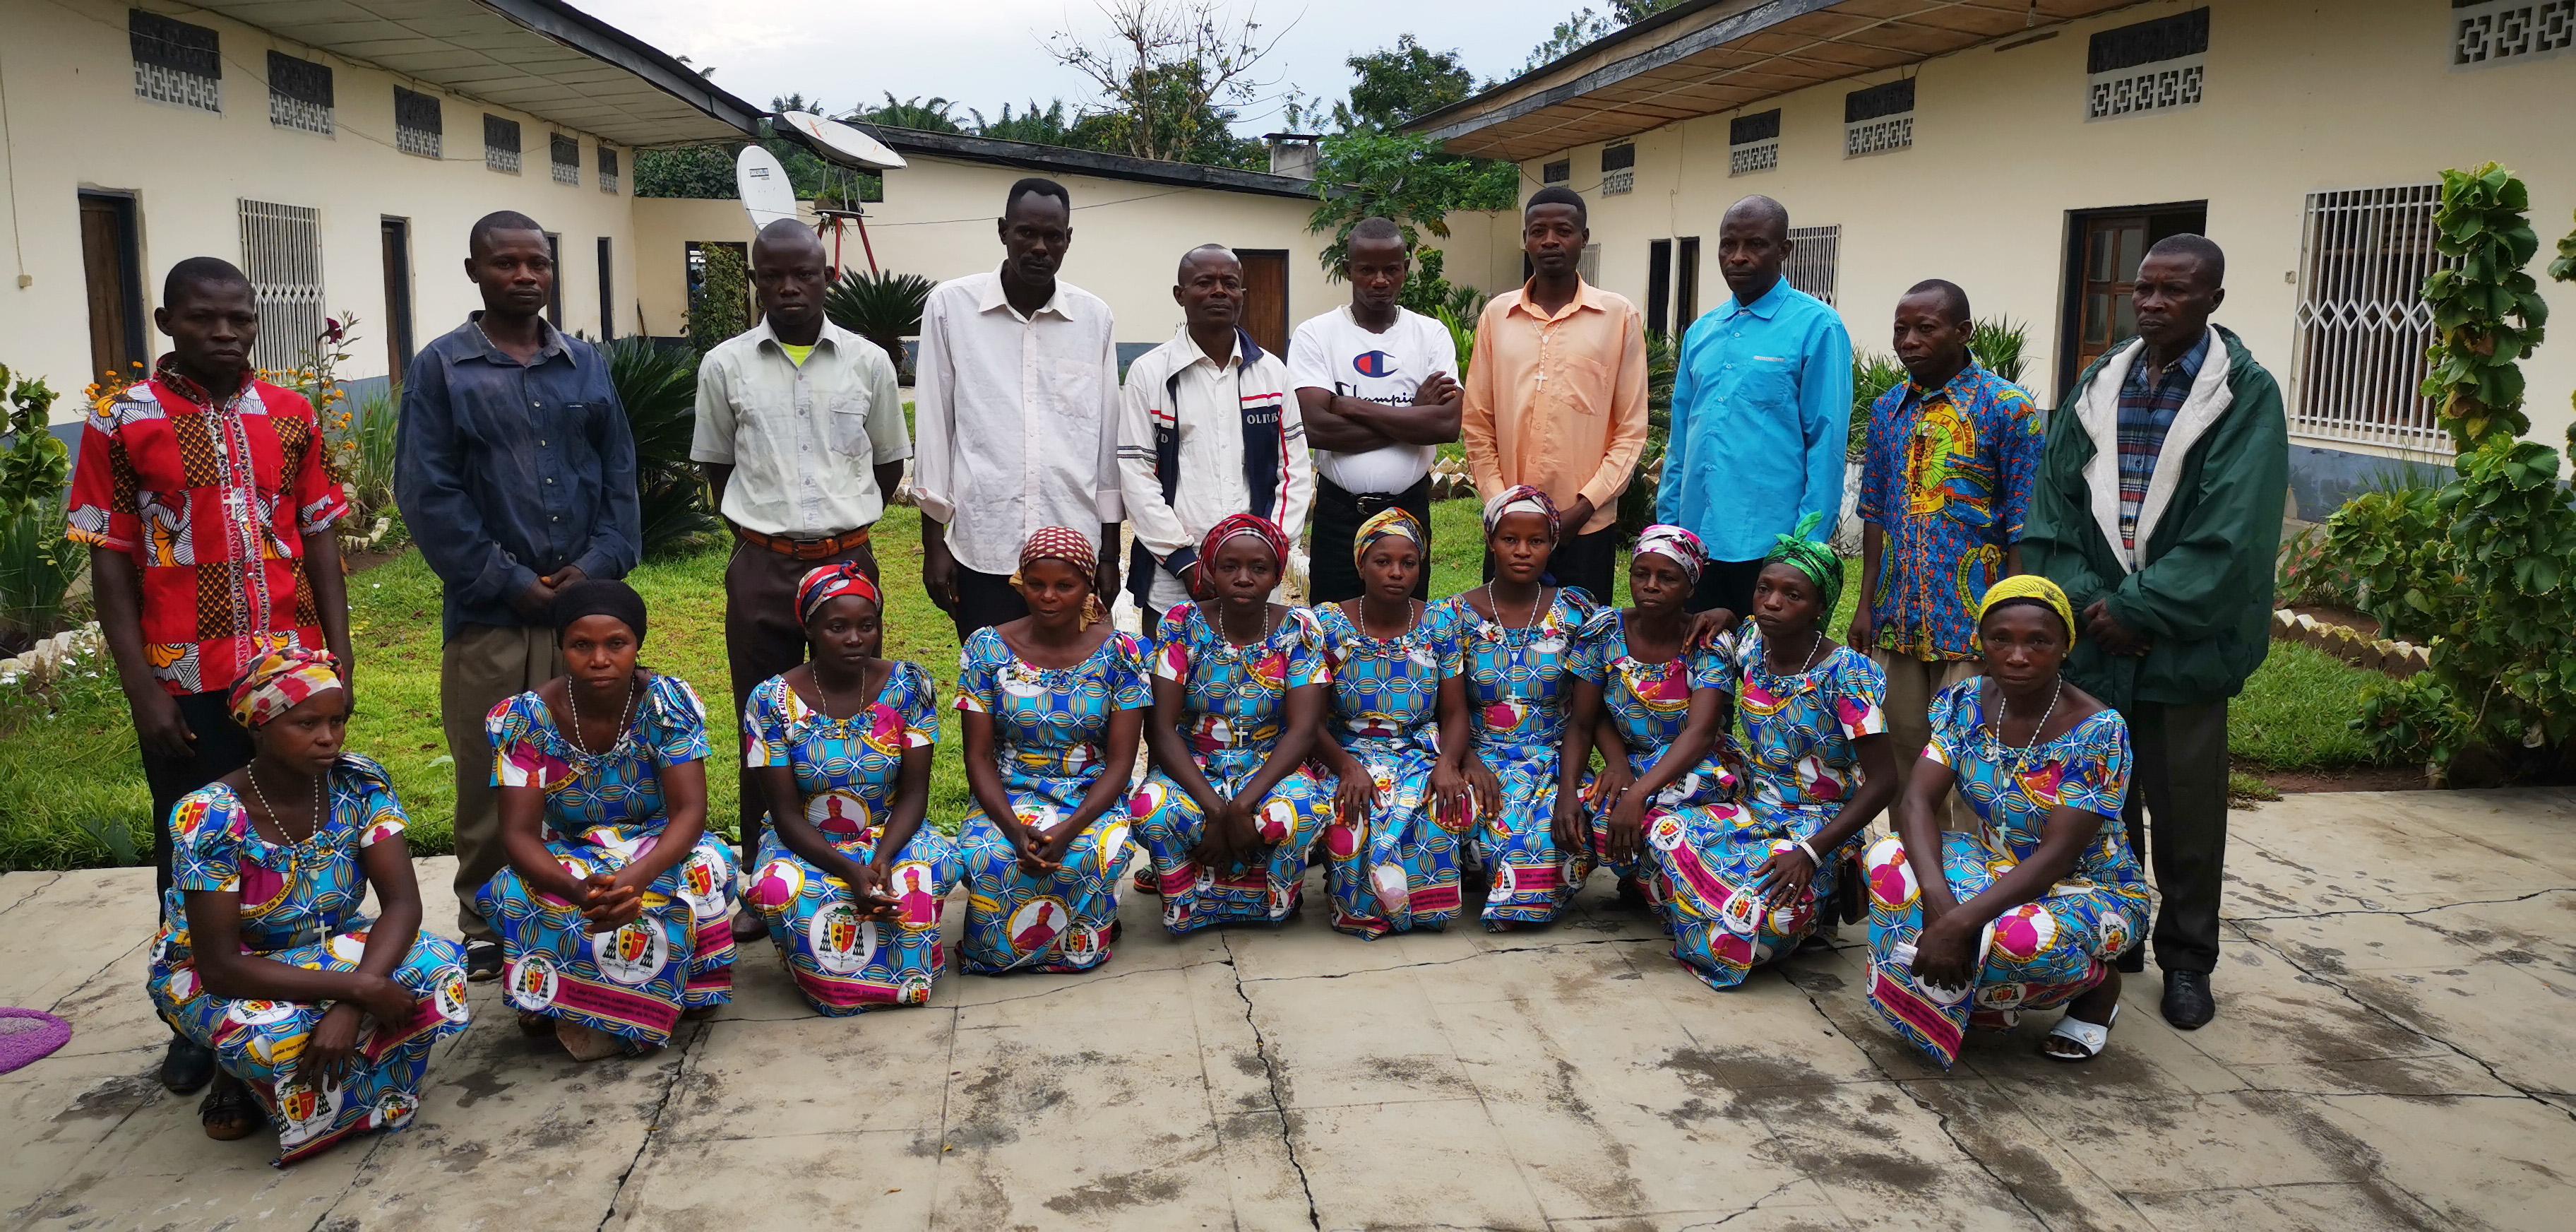 Congo: apoyo a la formación de 10 catequistas y sus familias